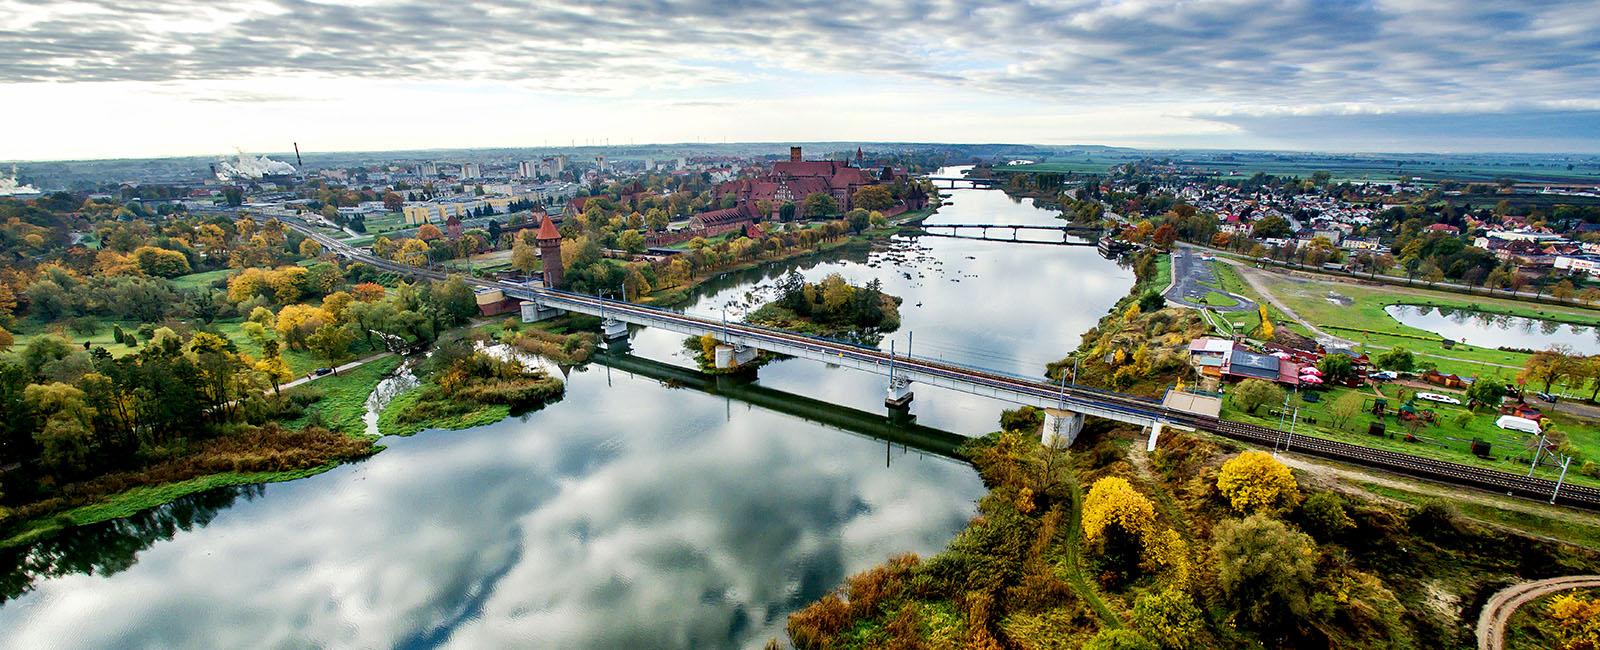 Zdjęcia reklamowe Wrocław